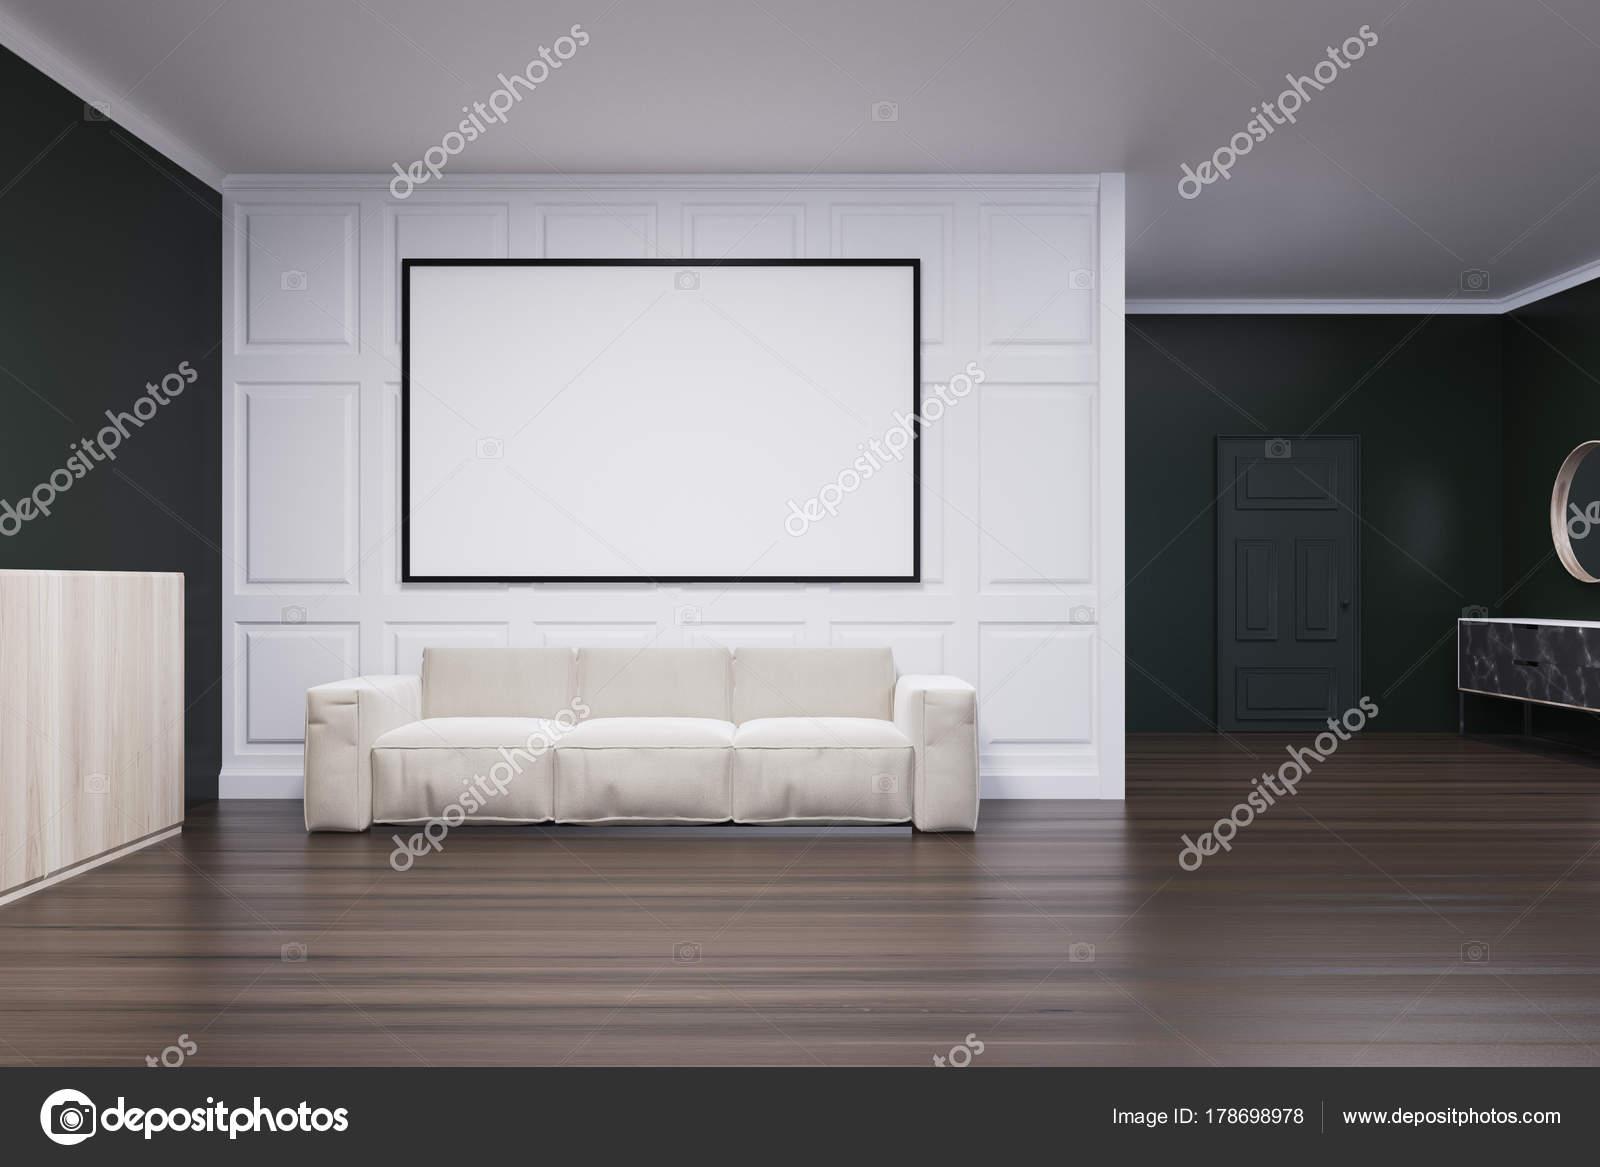 Schwarz Und Weiß Wohnzimmer, Poster Und Sofa U2014 Stockfoto